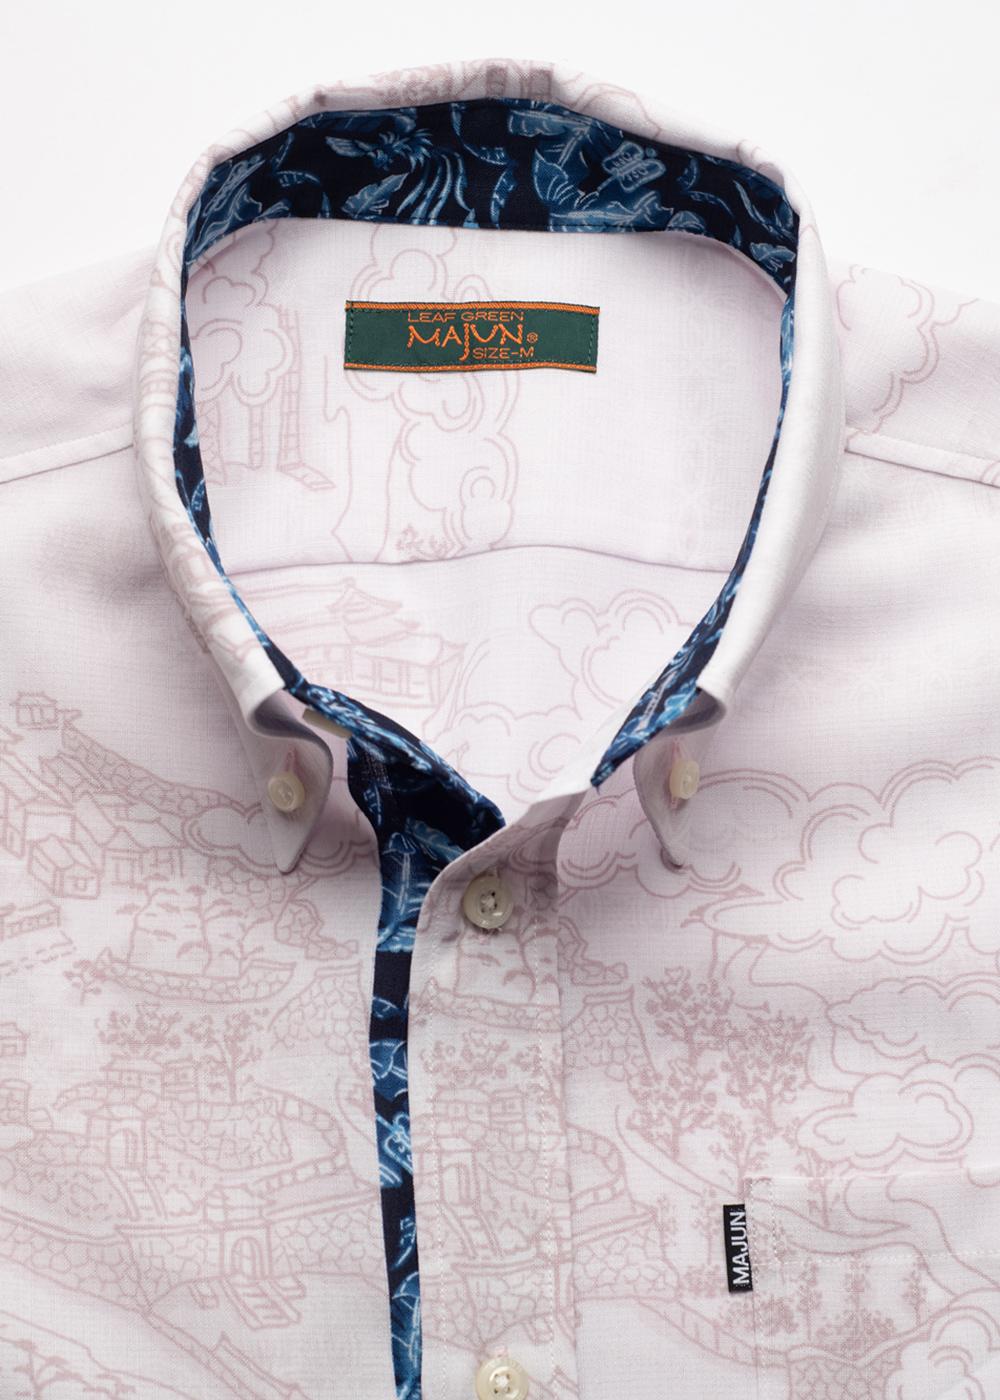 かりゆしウェア(沖縄版アロハシャツ) MAJUN - 琉球霞瓦